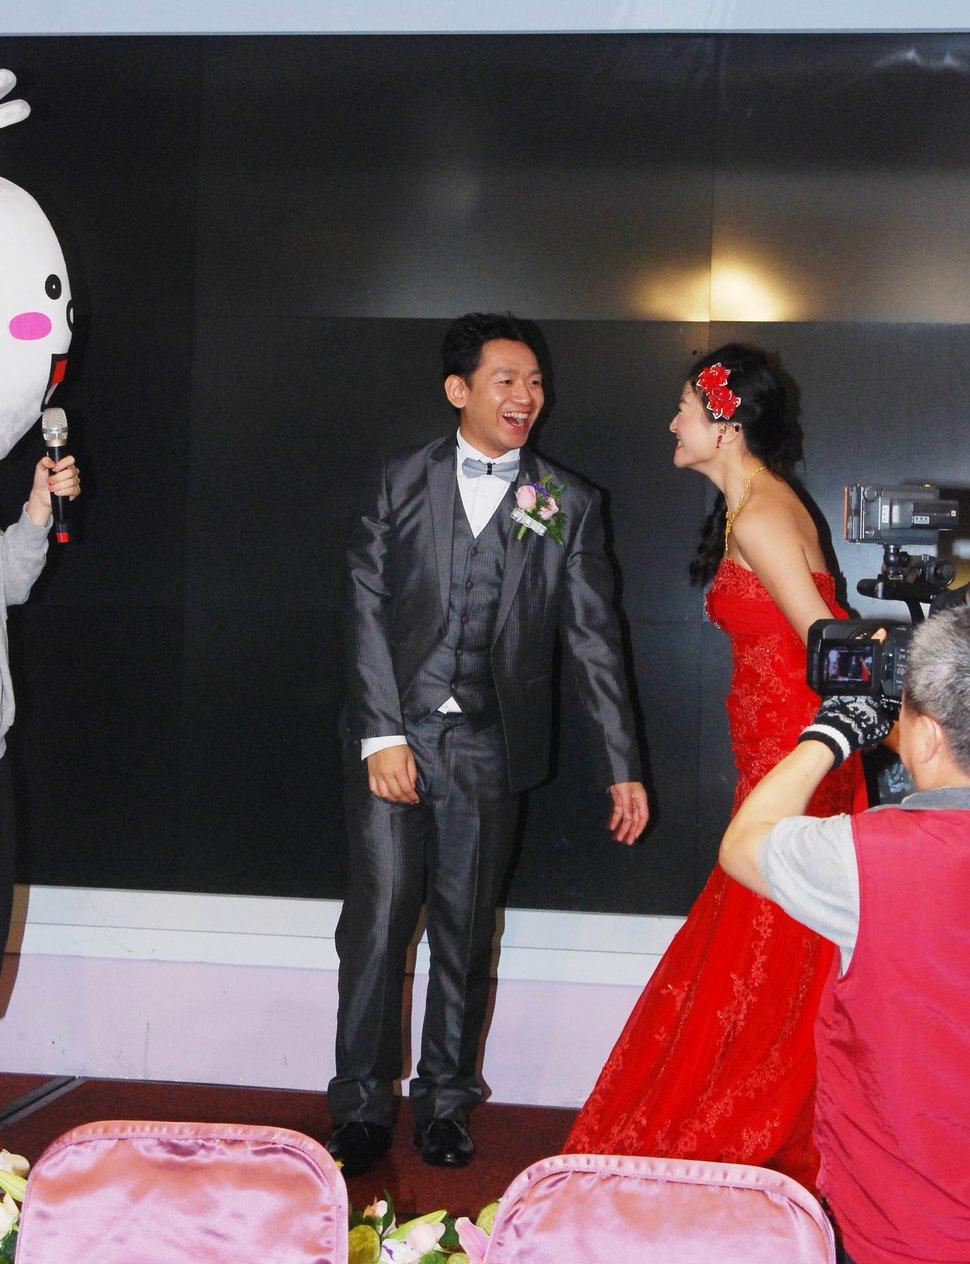 婚禮記錄汐止那米哥餐廳婚宴會館餐廳婚攝j婚錄結婚迎娶婚禮記錄動態微電影錄影專業錄影平面攝影婚禮紀錄婚攝婚錄主持人(編號:305710) - 蜜月拍照10800錄影12800攝影團隊 - 結婚吧